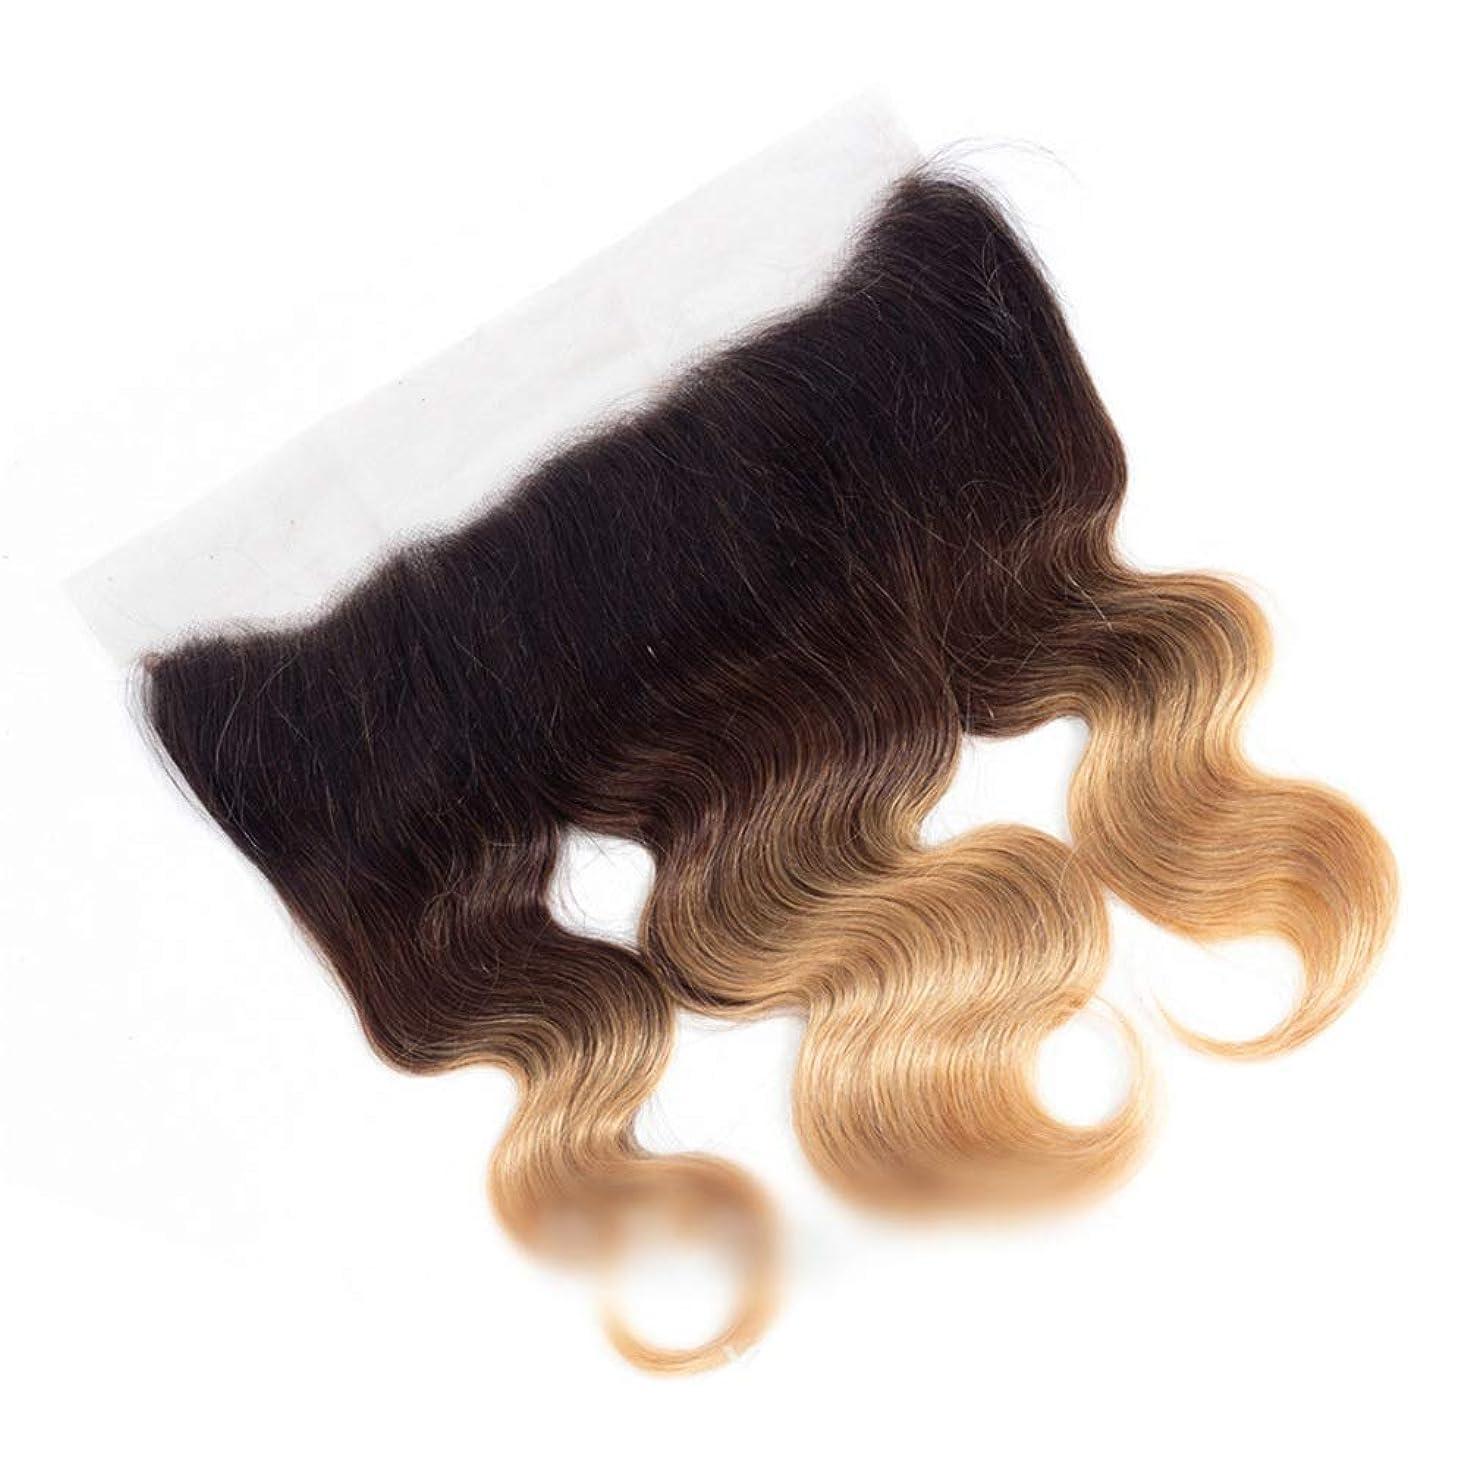 その間注釈探検Yrattary 13x4レース前頭閉鎖ブラジル実体波巻き毛100%人毛1B / 4/27 3トーンカラー女性のための短い巻き毛のかつら茶色のかつら (色 : ブラウン, サイズ : 16 inch)